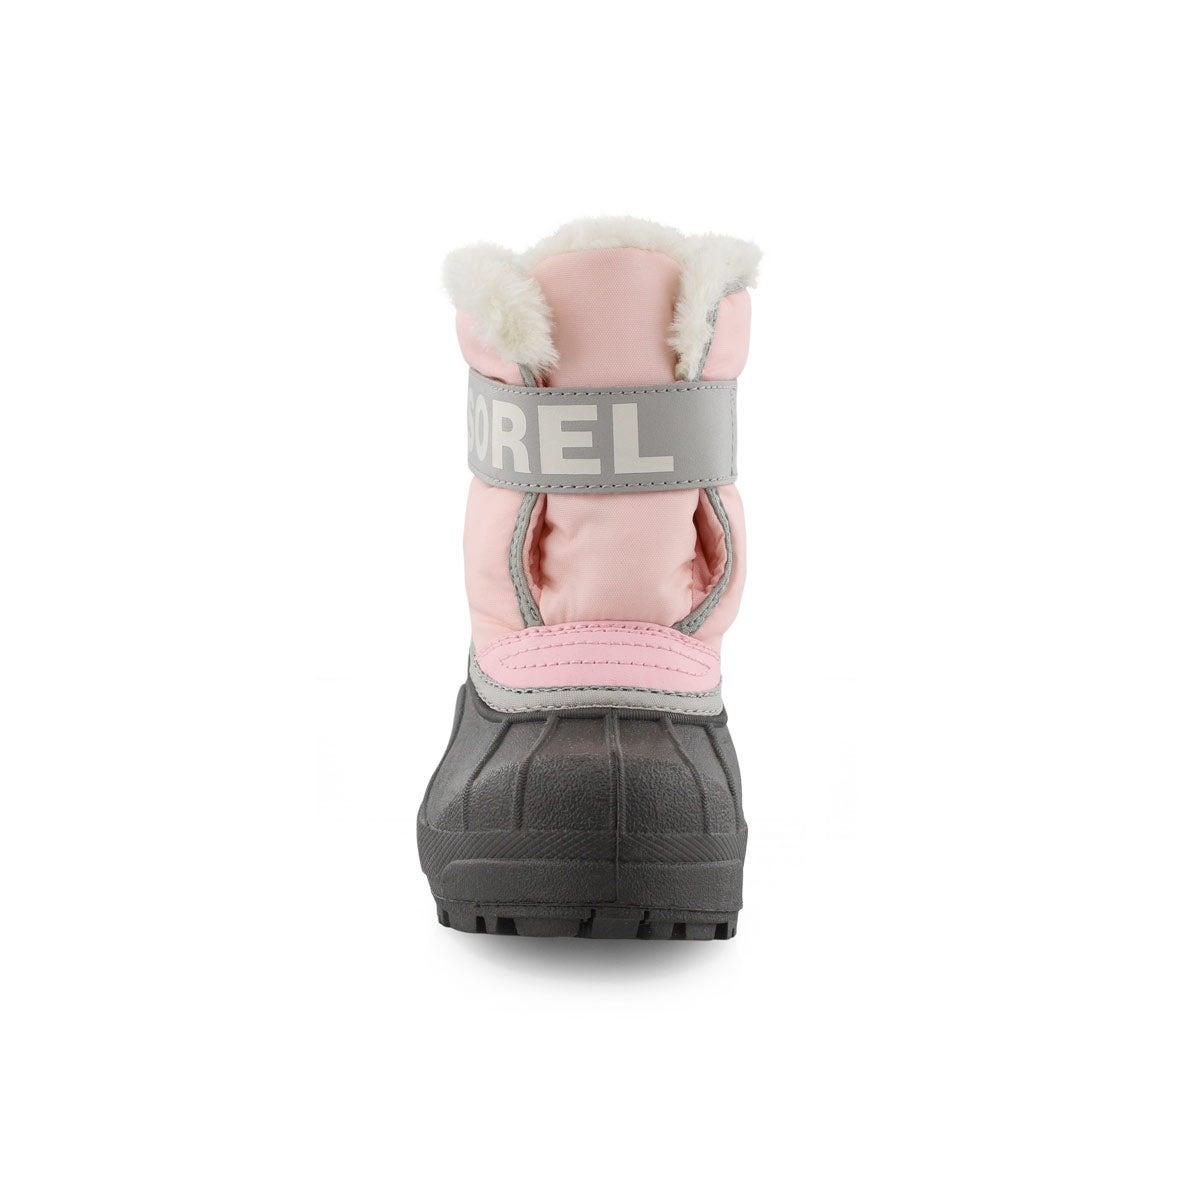 Bottes SNOW COMMANDER,rose/gris per,petites filles